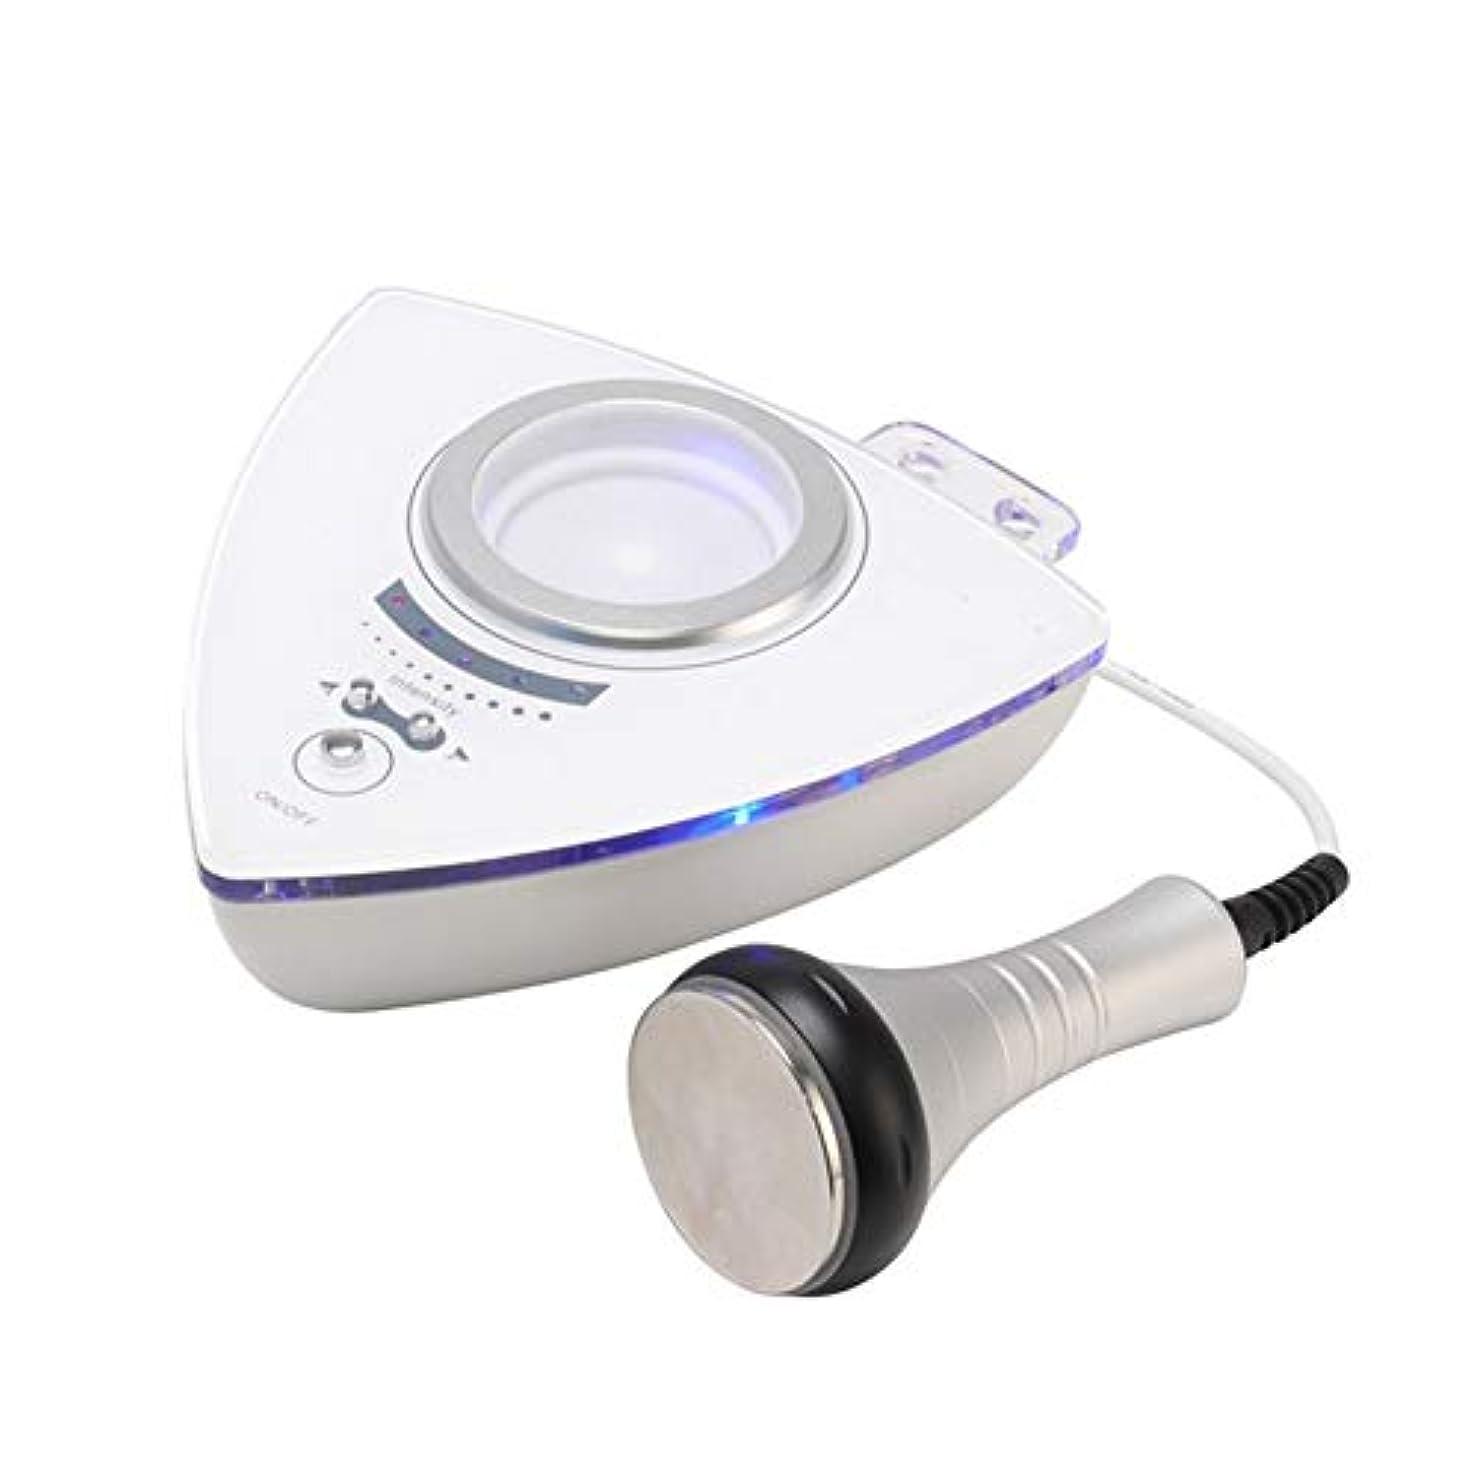 セブンなにレディ家庭用ポータブルフェイシャルマシンラジオ周波数フェイシャルmachinefor肌の若返りしわ除去肌引き締めアンチエイジングスキンケア美容ツール